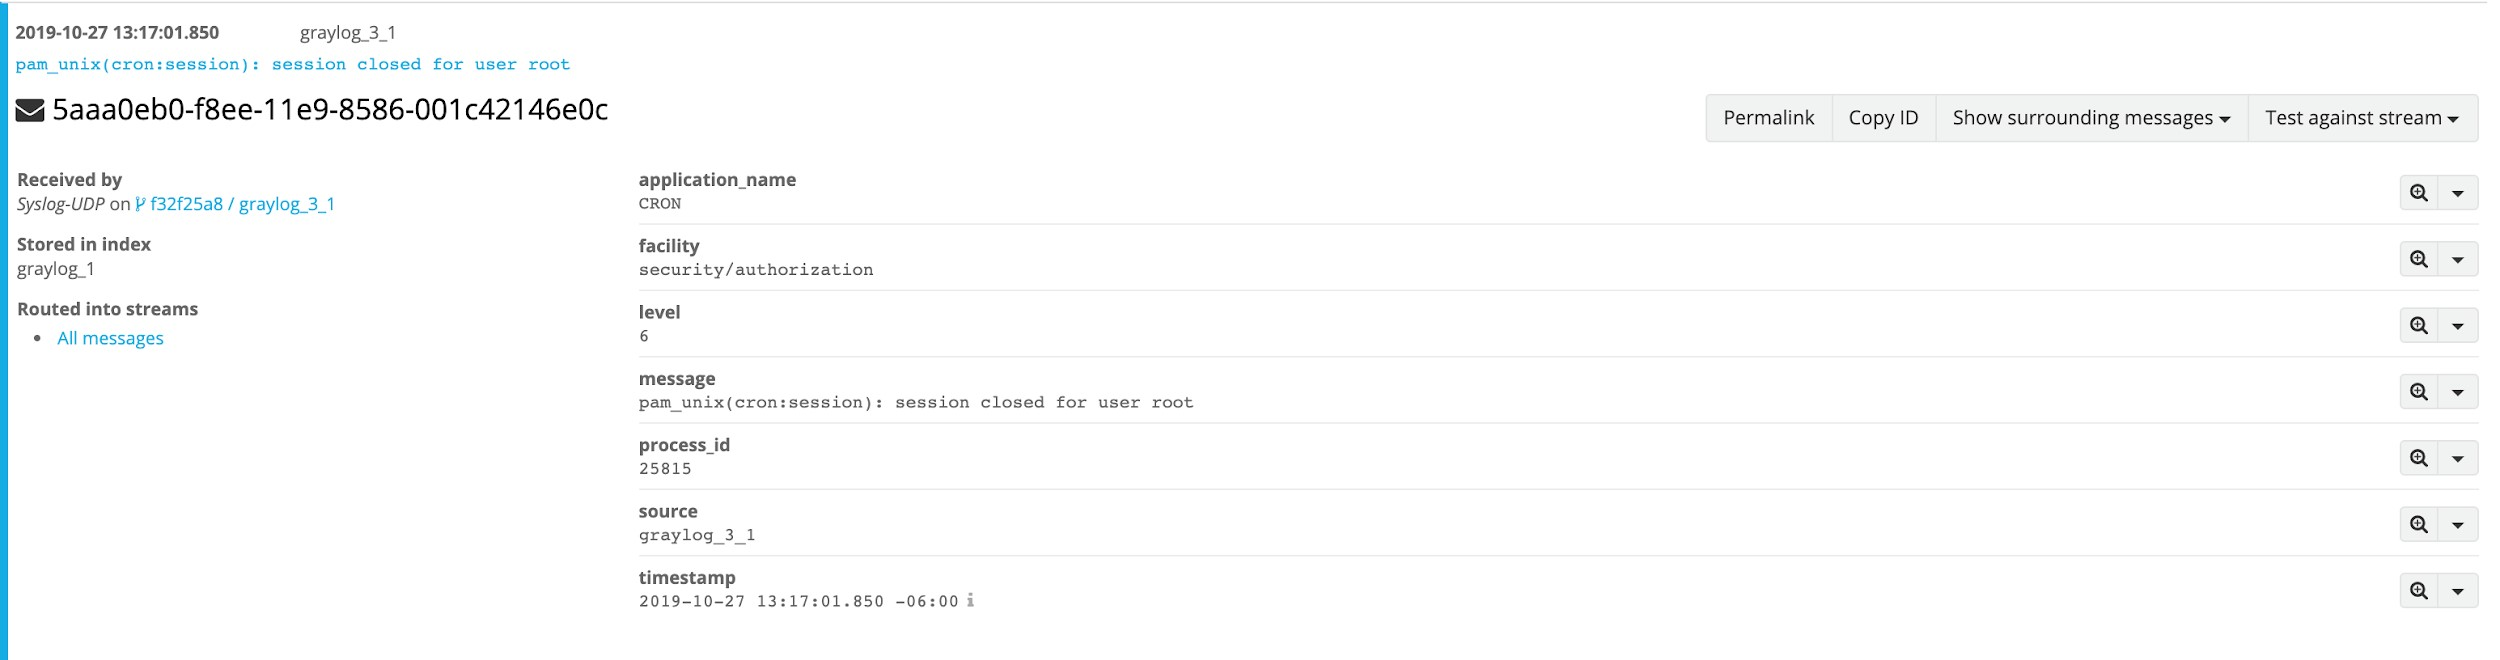 Graylog Syslog data example